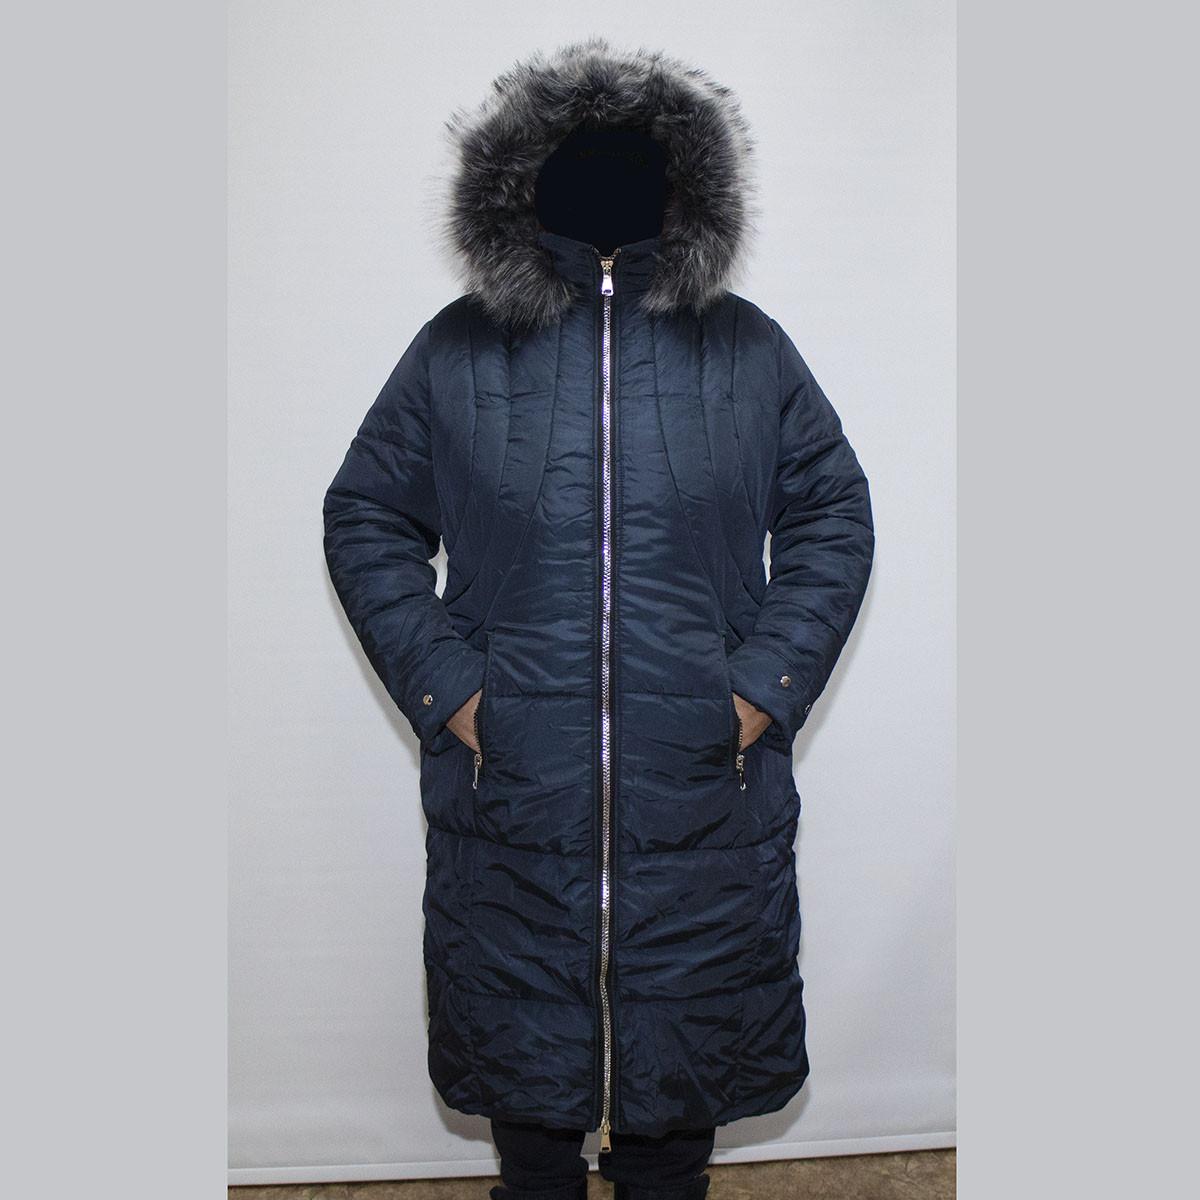 e94240e8ef7 Куртка-пальто женская зимняя большого размера 58-64 K955G оптом и в ...